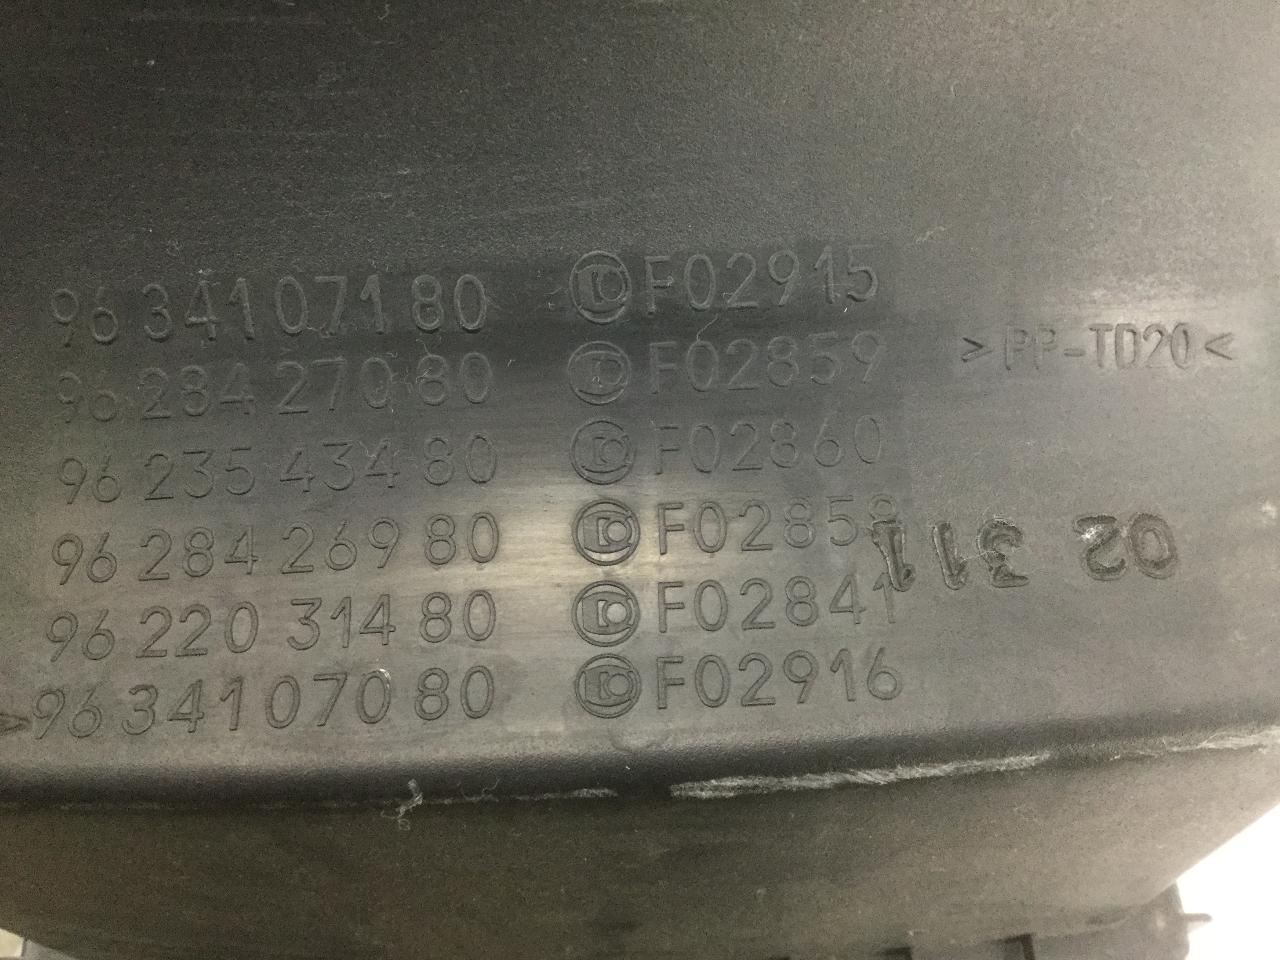 2.0 16 V # 331204 Citroen Xsara Picasso-Filtre à air-s/' adapte uniquement pour 1.8